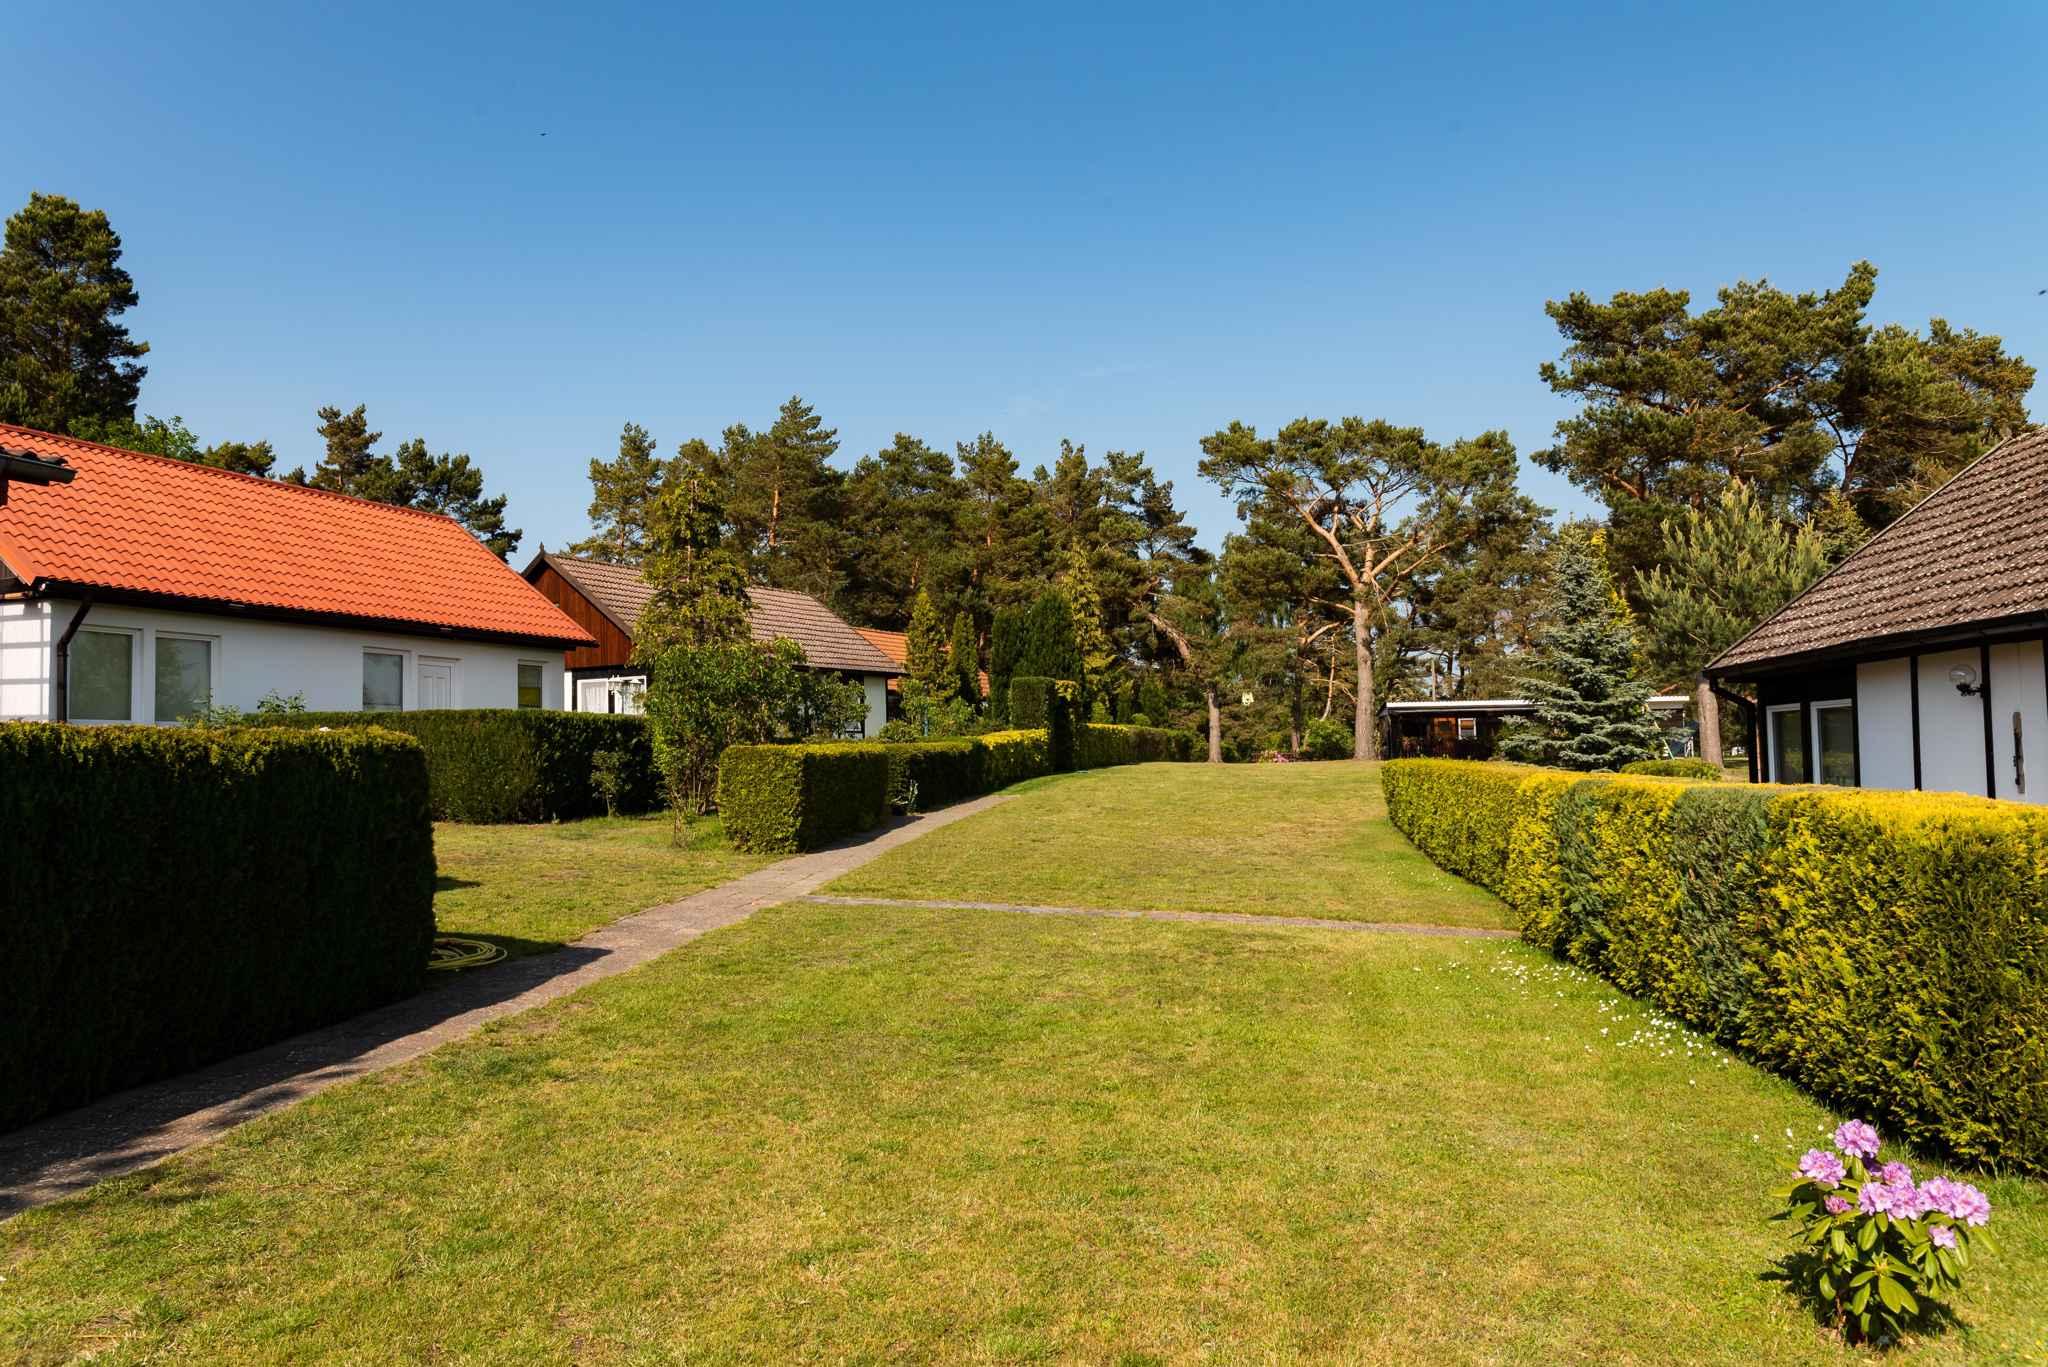 Ferienhaus Bungalow mit Terrasse und Garten (365438), Fuhlendorf, Ostseeküste Mecklenburg-Vorpommern, Mecklenburg-Vorpommern, Deutschland, Bild 20